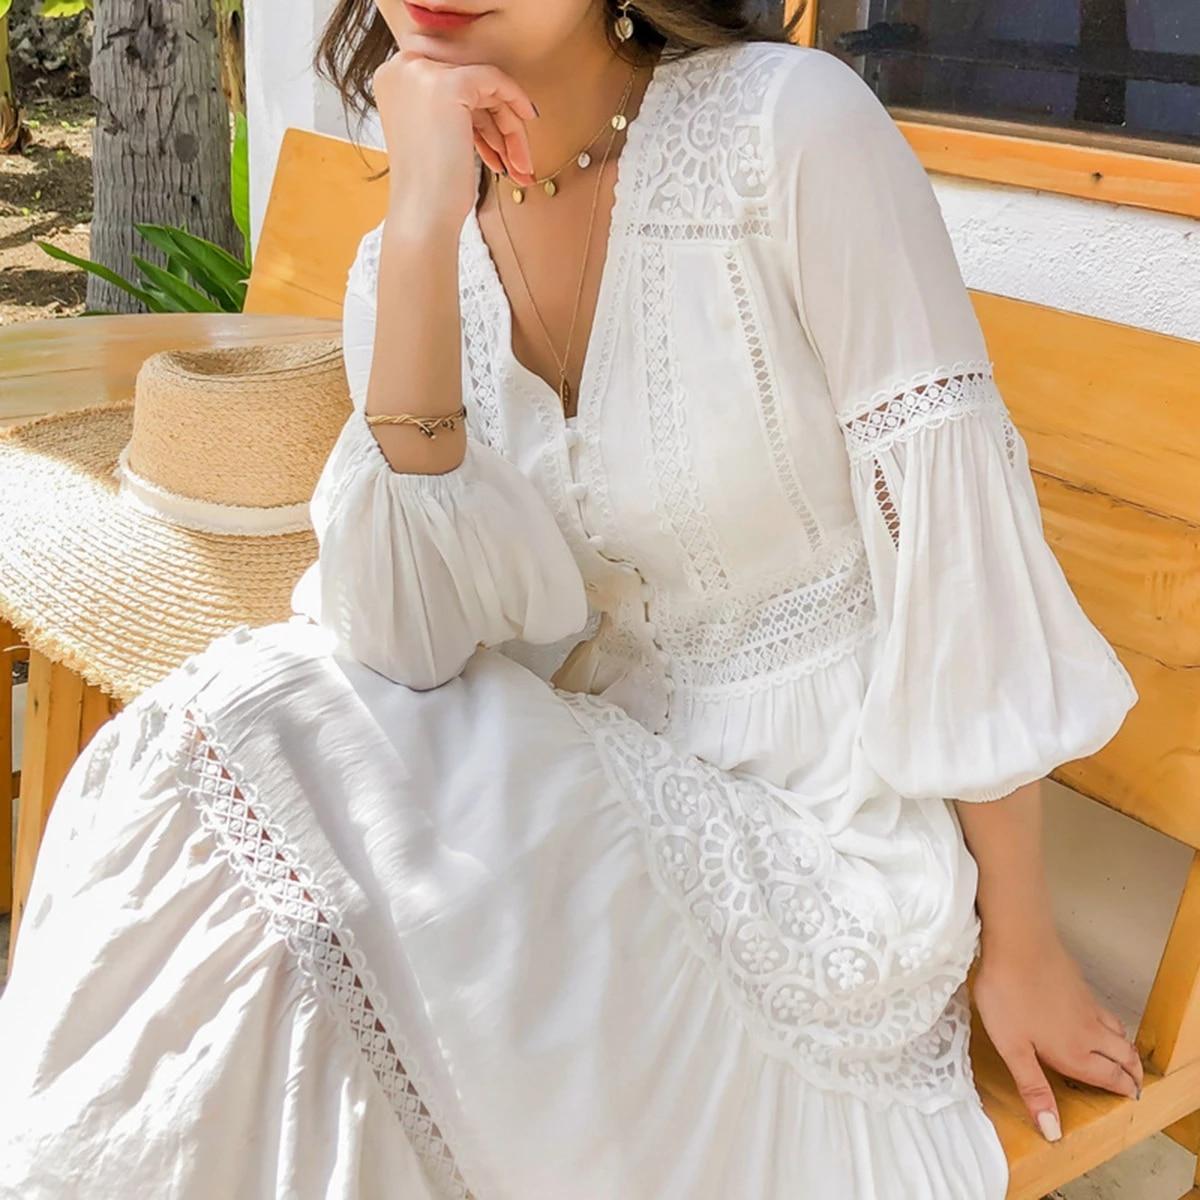 boho inspiriert weiß lange frauen kleid baumwolle v-ausschnitt langarm  sommer kleid 2020 neue tasten damen kleider chic maxi kleid